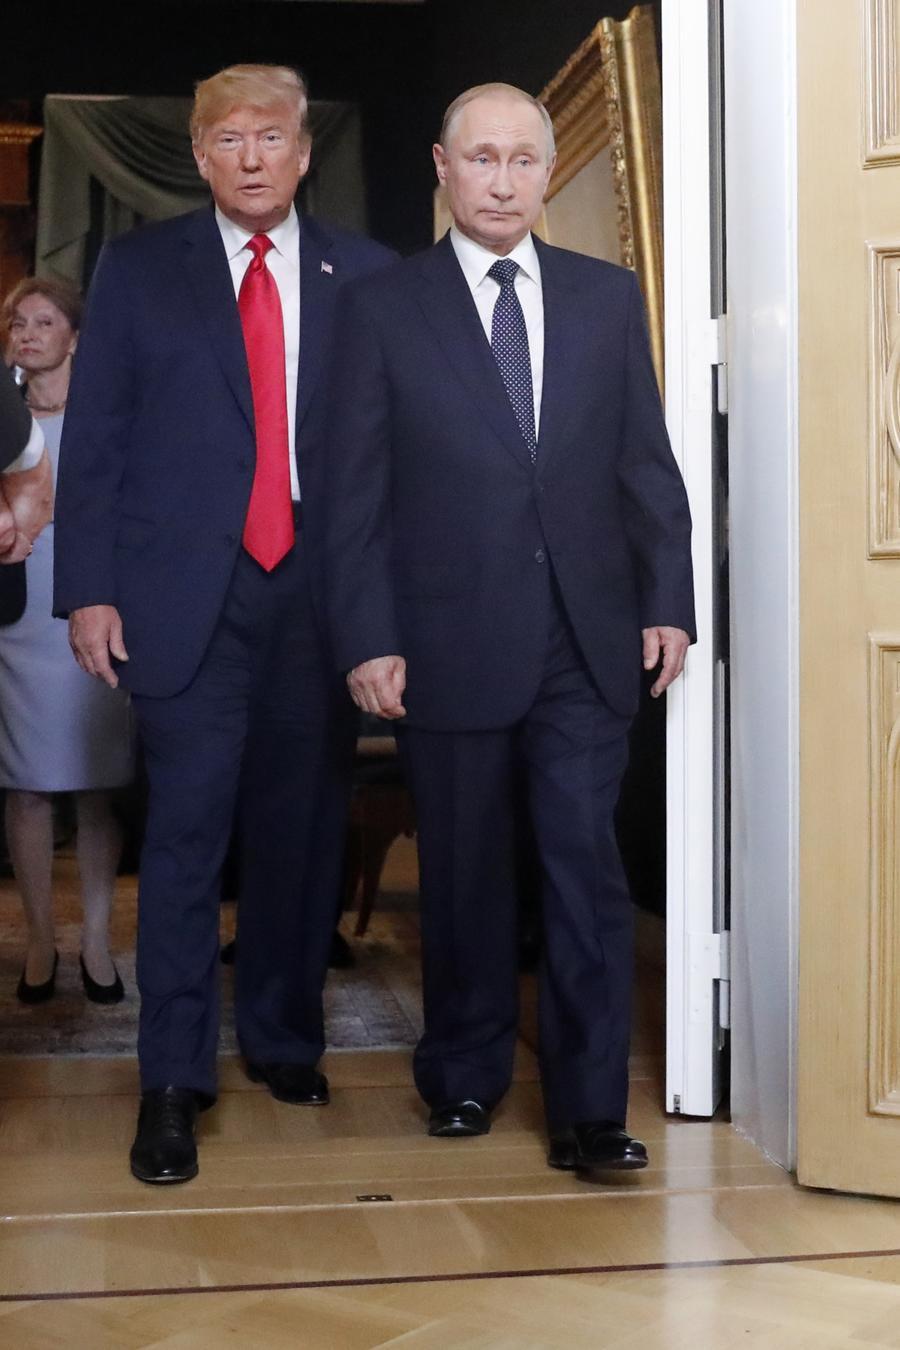 El presidente Trump junto a su homólogo ruso Vladimír Putin llegando a su reunión en Helsinki (Finlandia) el 16 de julio de 2018.